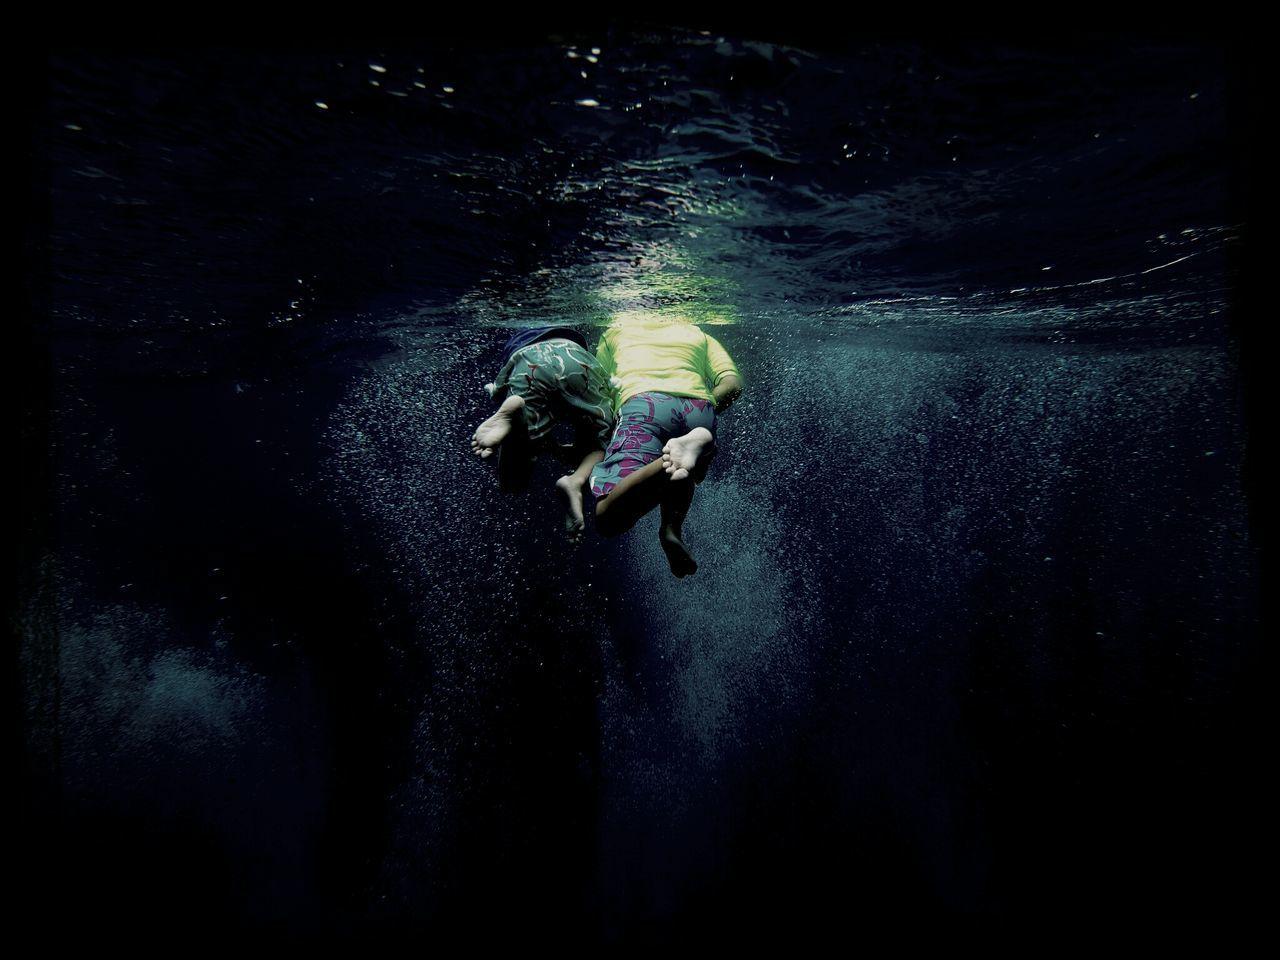 Two Men Swimming